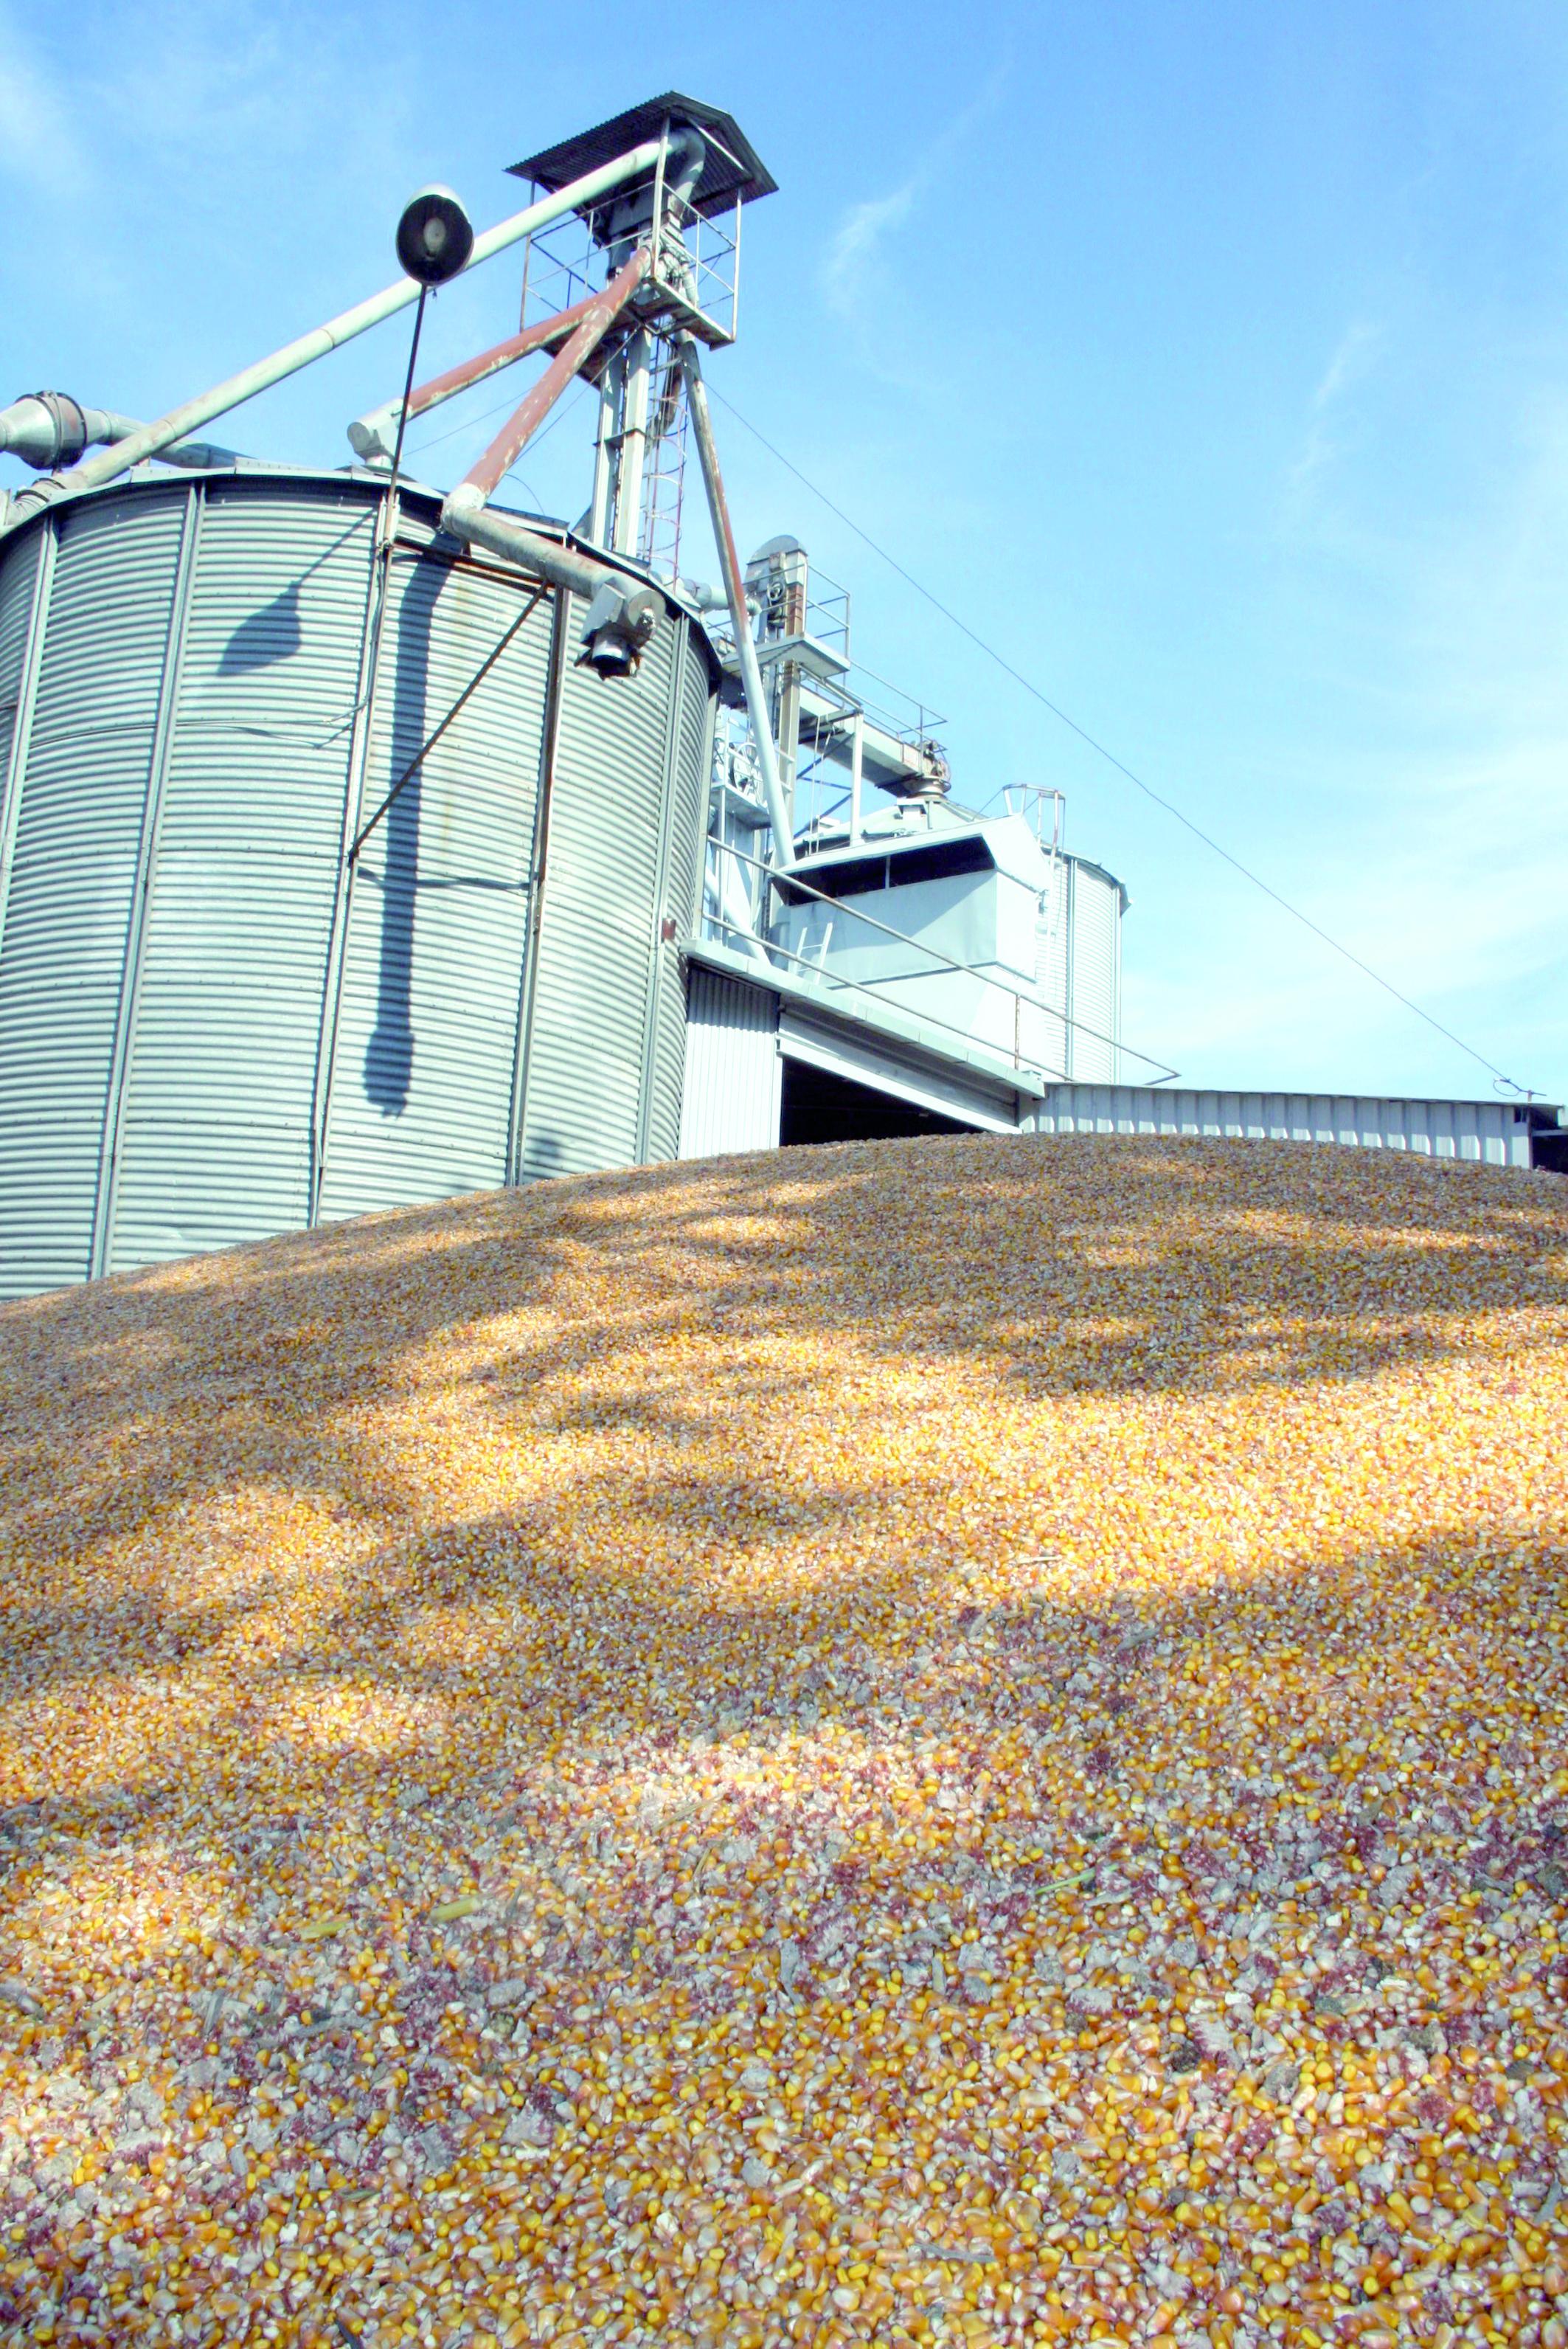 Modification de la quotité du droit d'importation du blé tendre